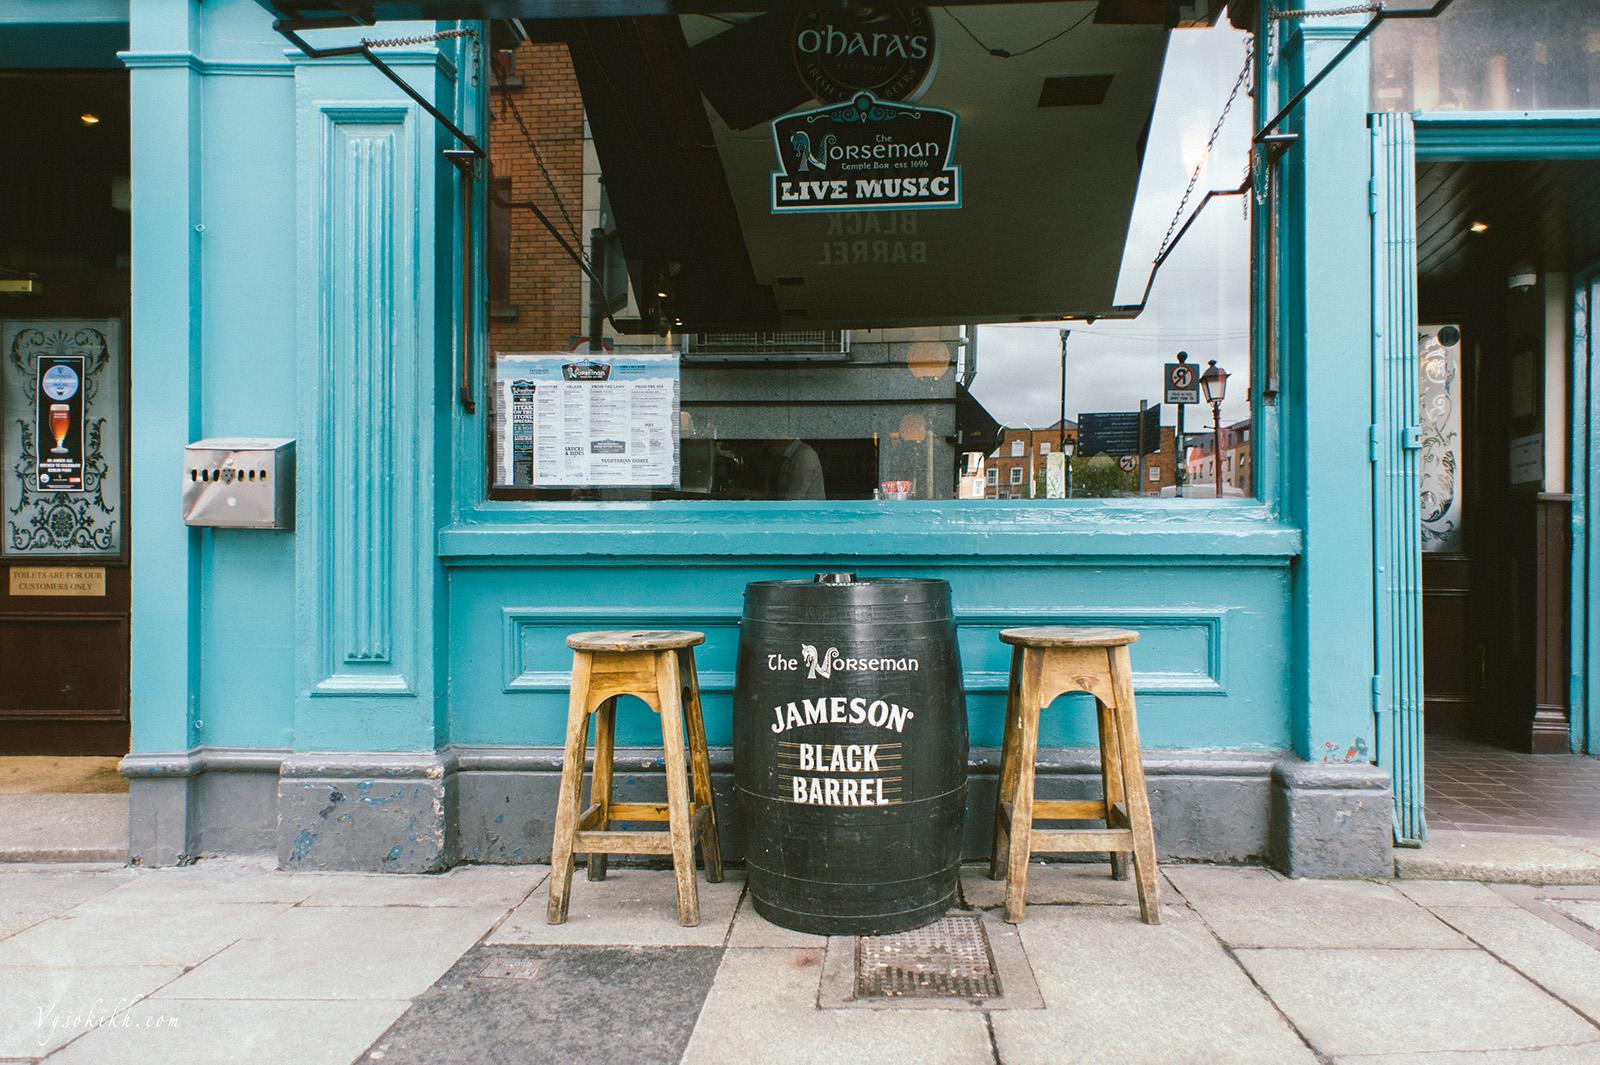 Temple Bar - один из самых старых и злачных районов Дублина, где располагаются множество пабов и магазинов.